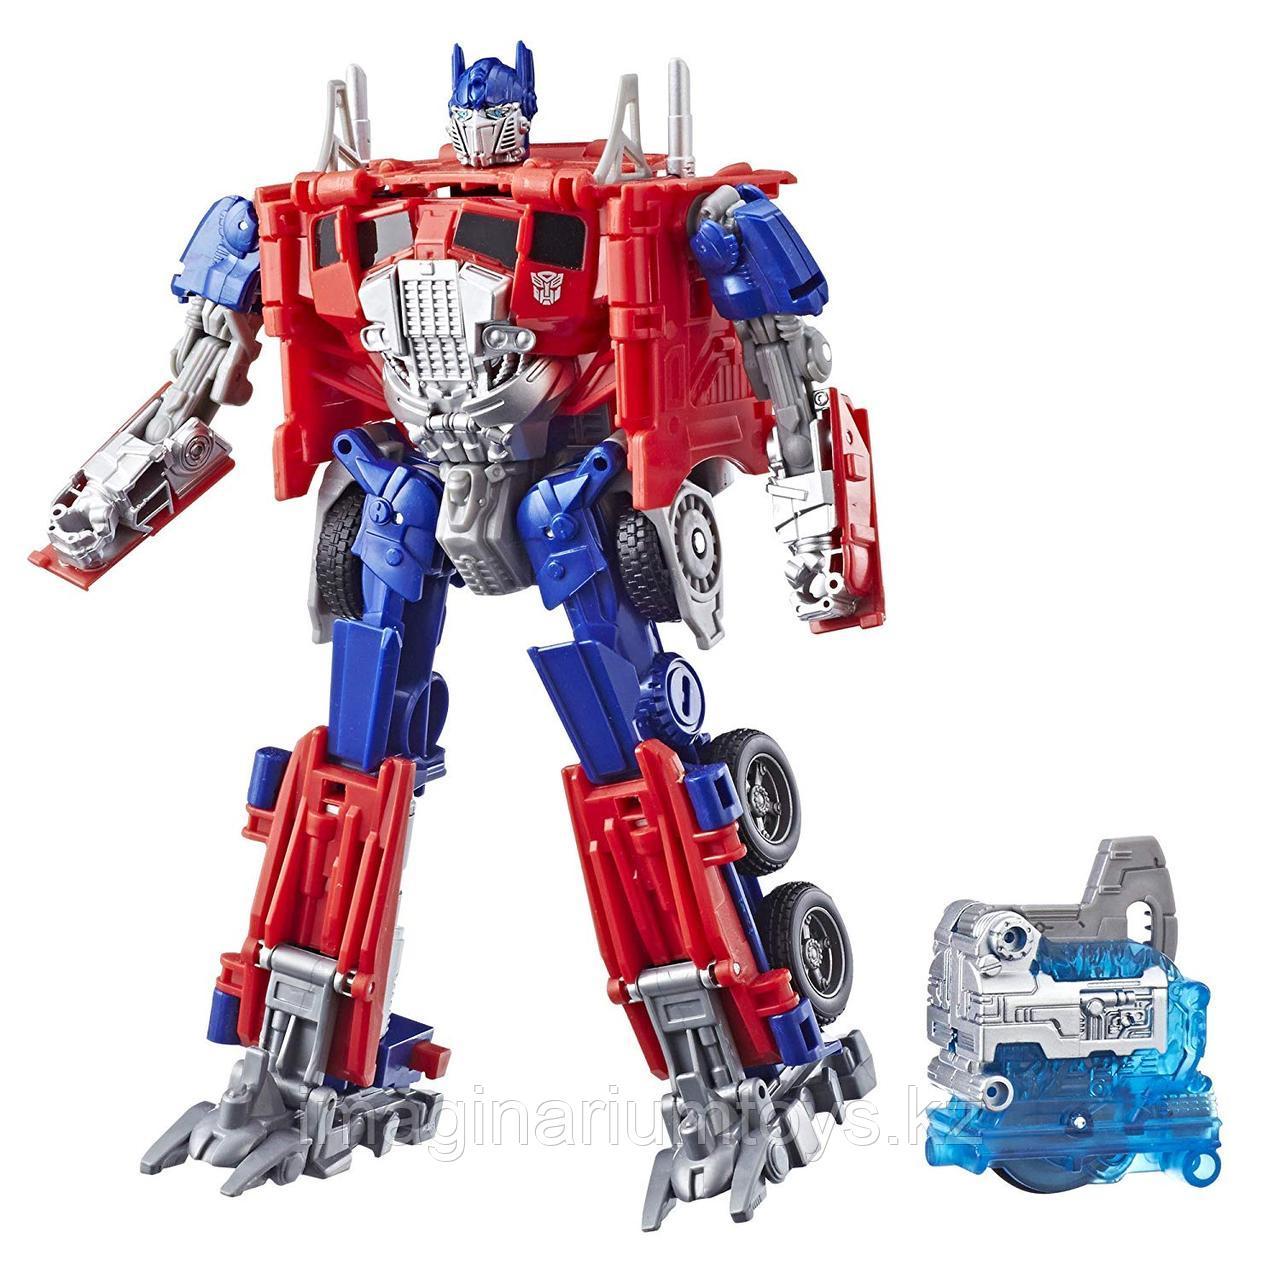 Трансформер Оптимус Прайм Optimus Prime 19 см Hasbro